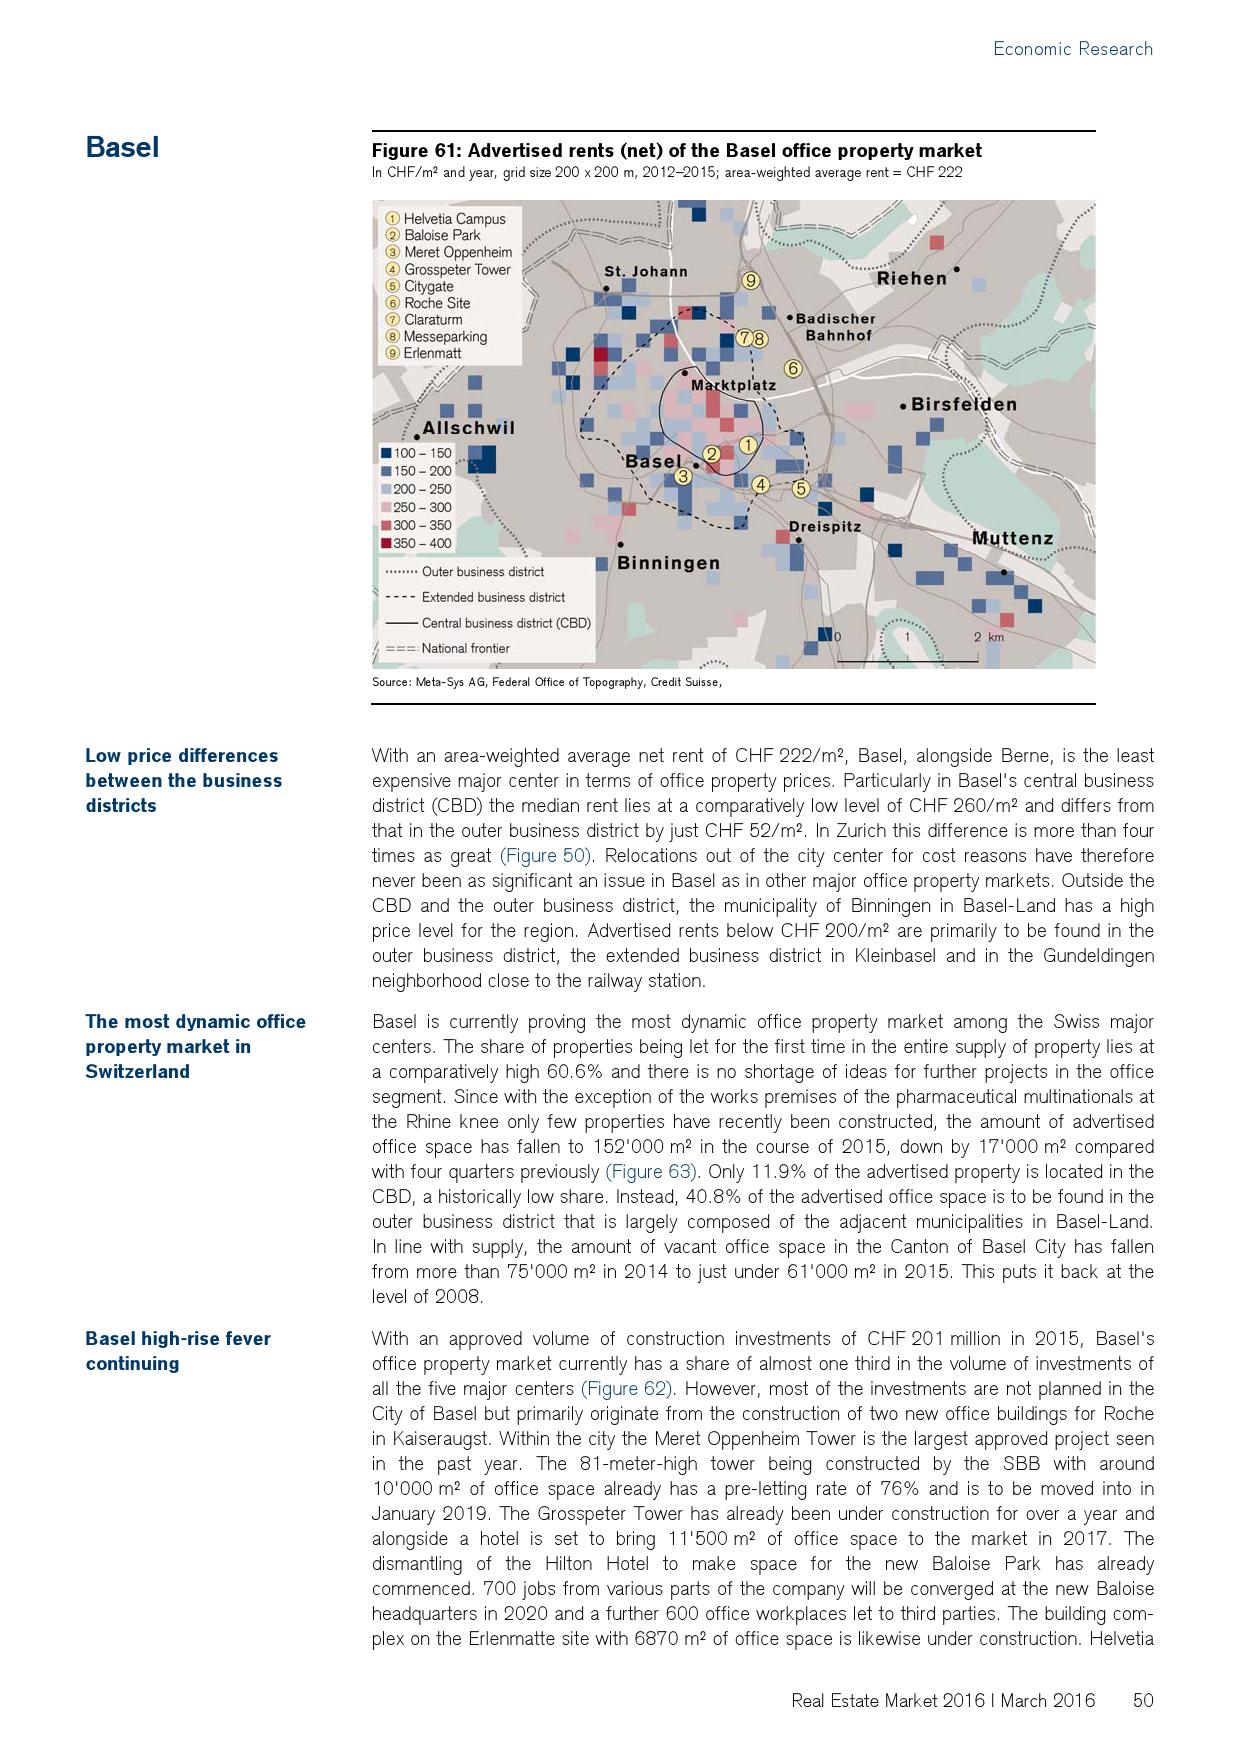 2016年瑞士房地产市场研究报告_000050